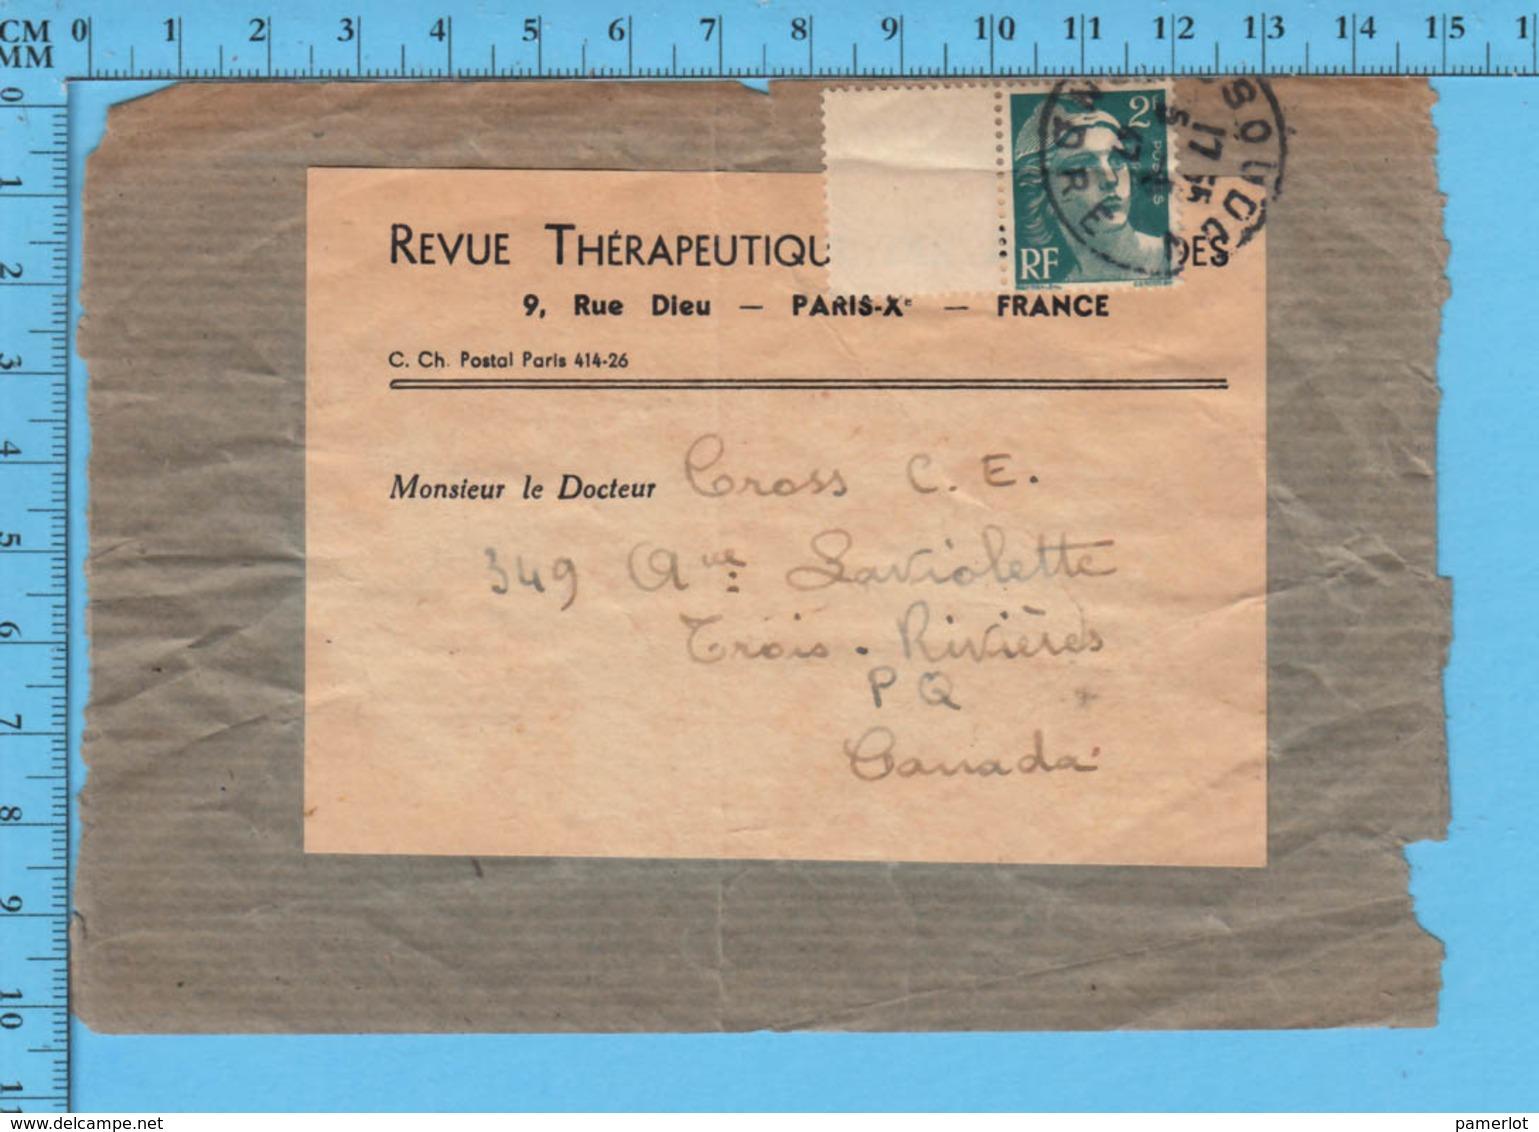 France Manchon De Journeau - Revue Thérapeutique Timbre Marianne Avec Bordure Postrmark 1947 Send To Trois-Rivieres P.Q. - Cartas